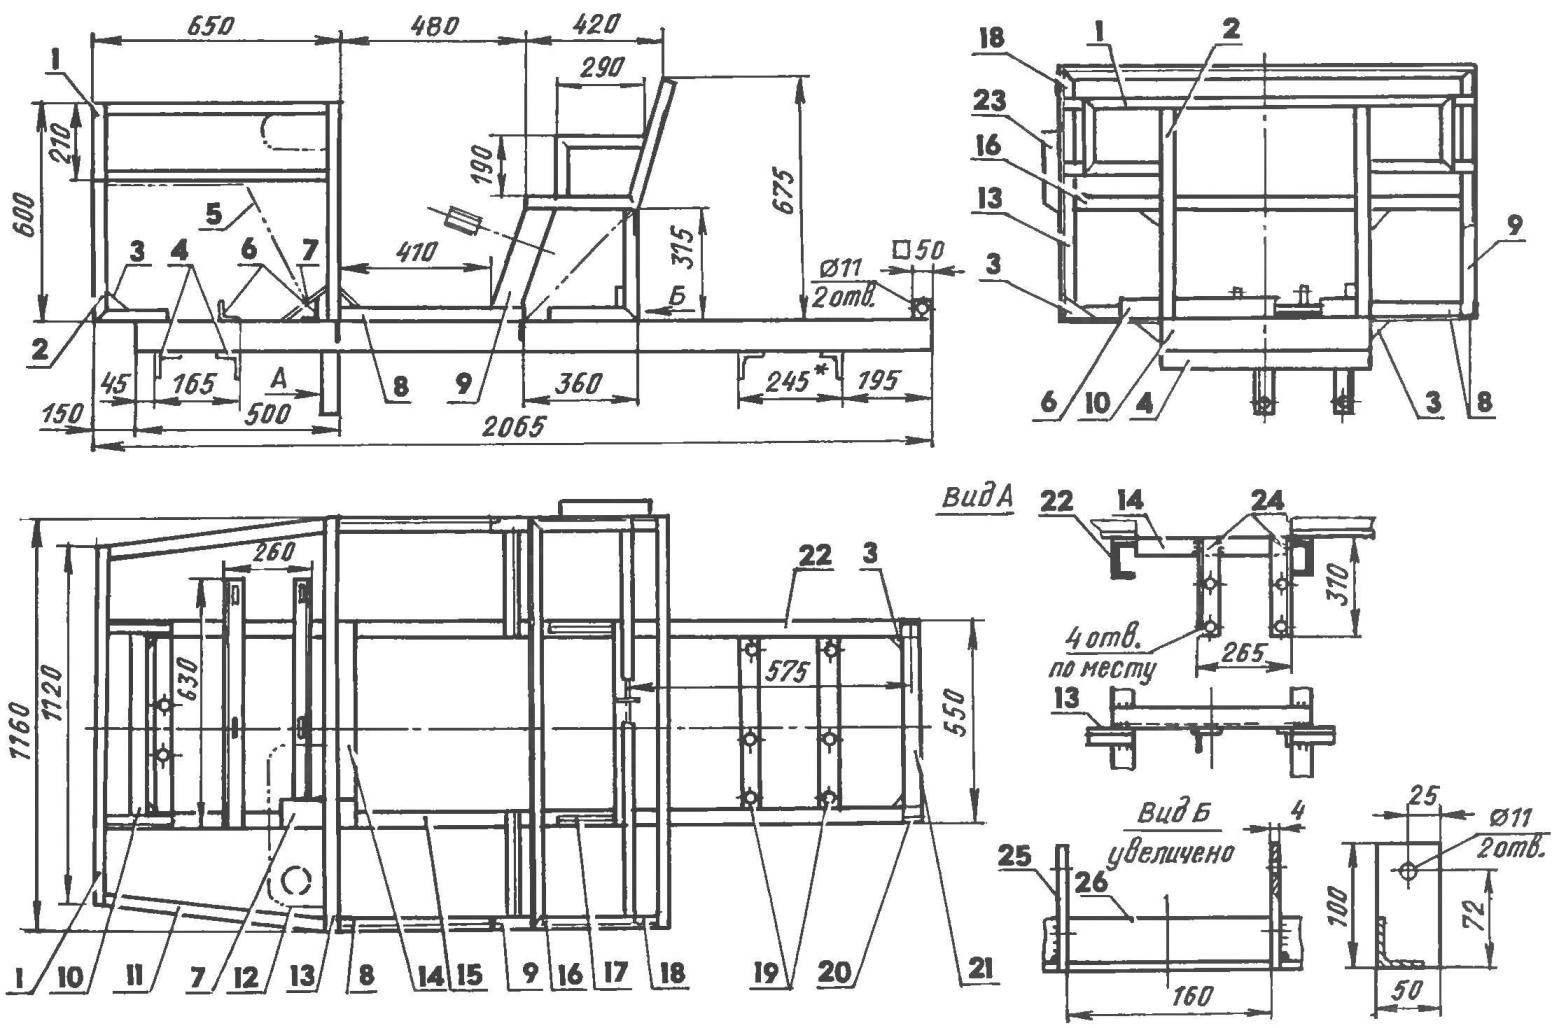 Рама мини-трактора с каркасами моторного отсека, пола и сидений